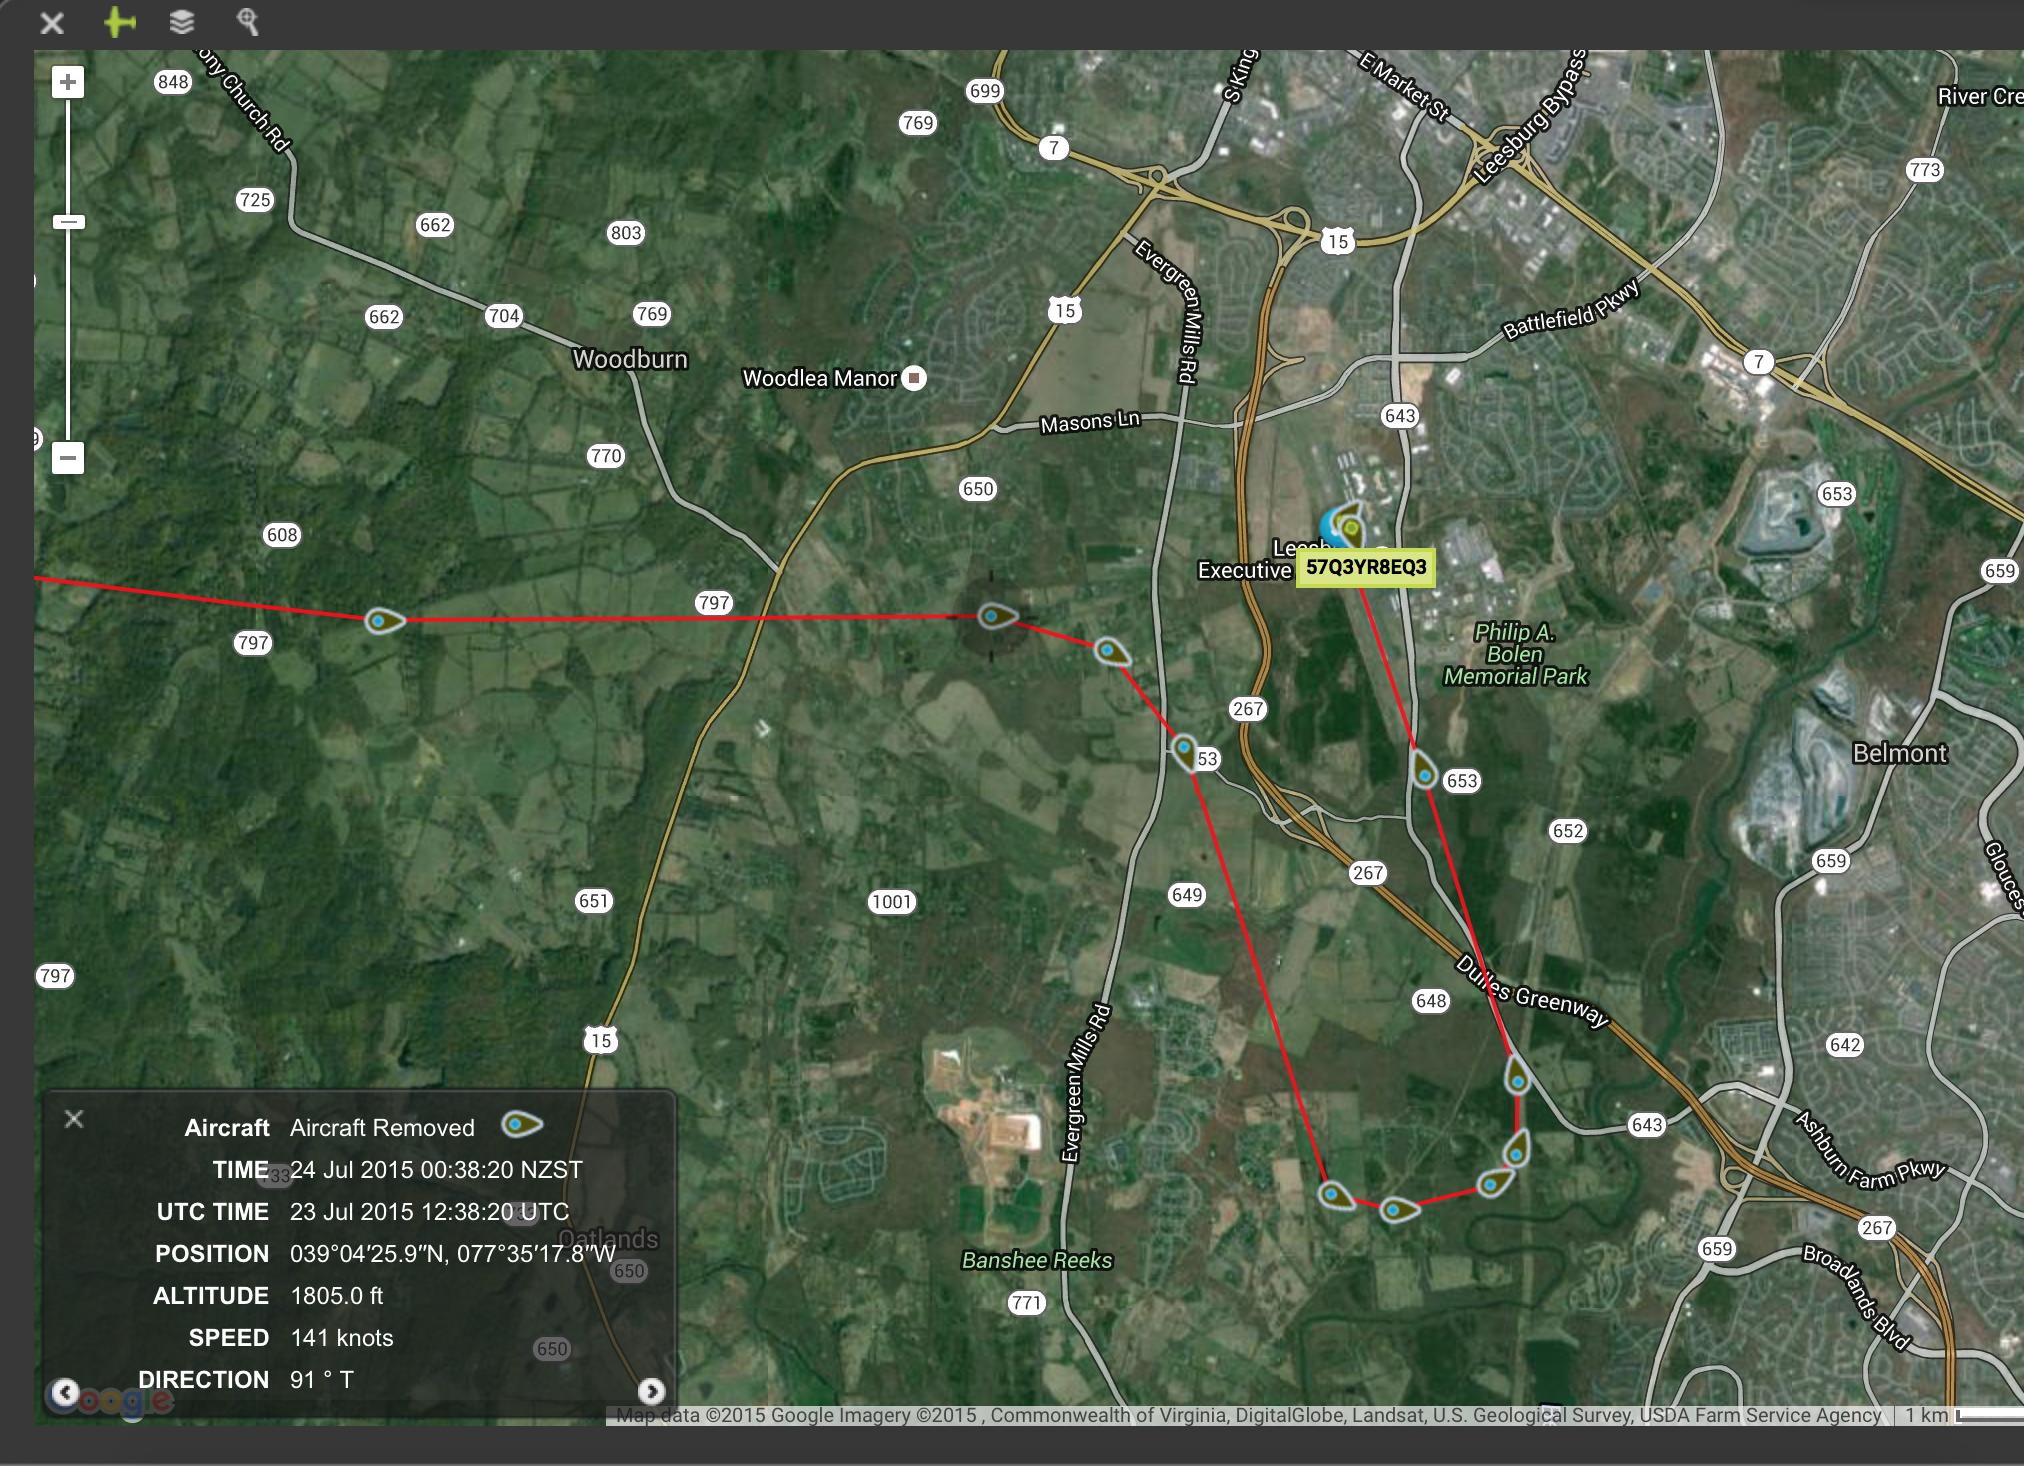 Spidertracks Tracking Platform in DC SFRA